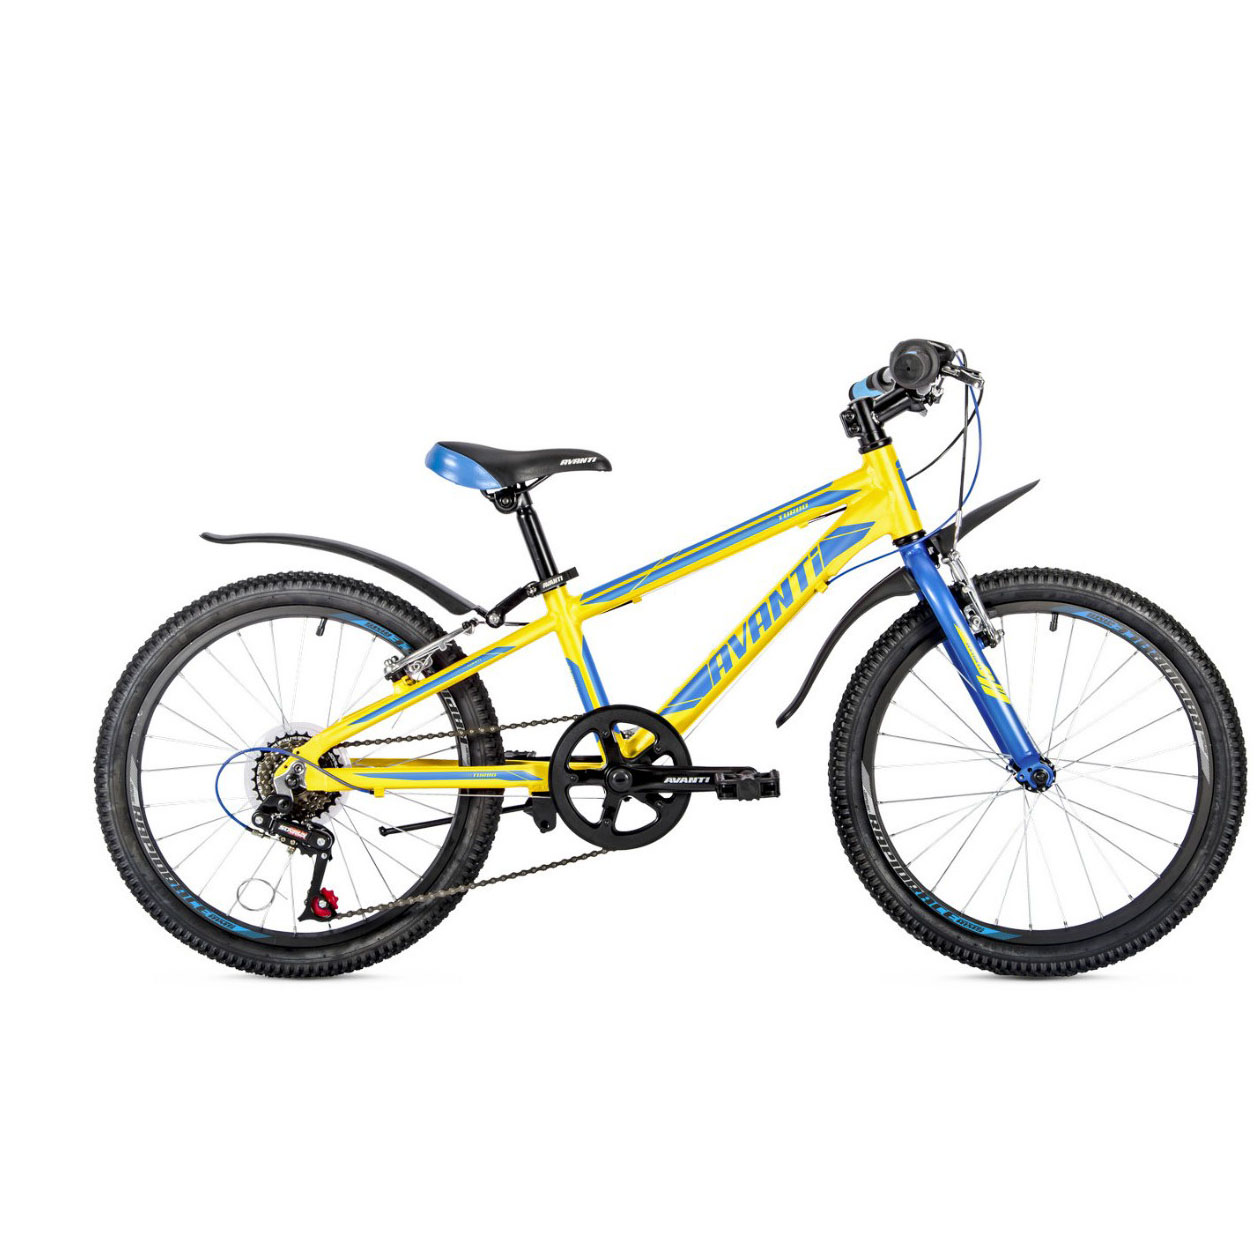 Фото Детский Велосипед 20 Avanti Turbo V-brake ALU желто-синий